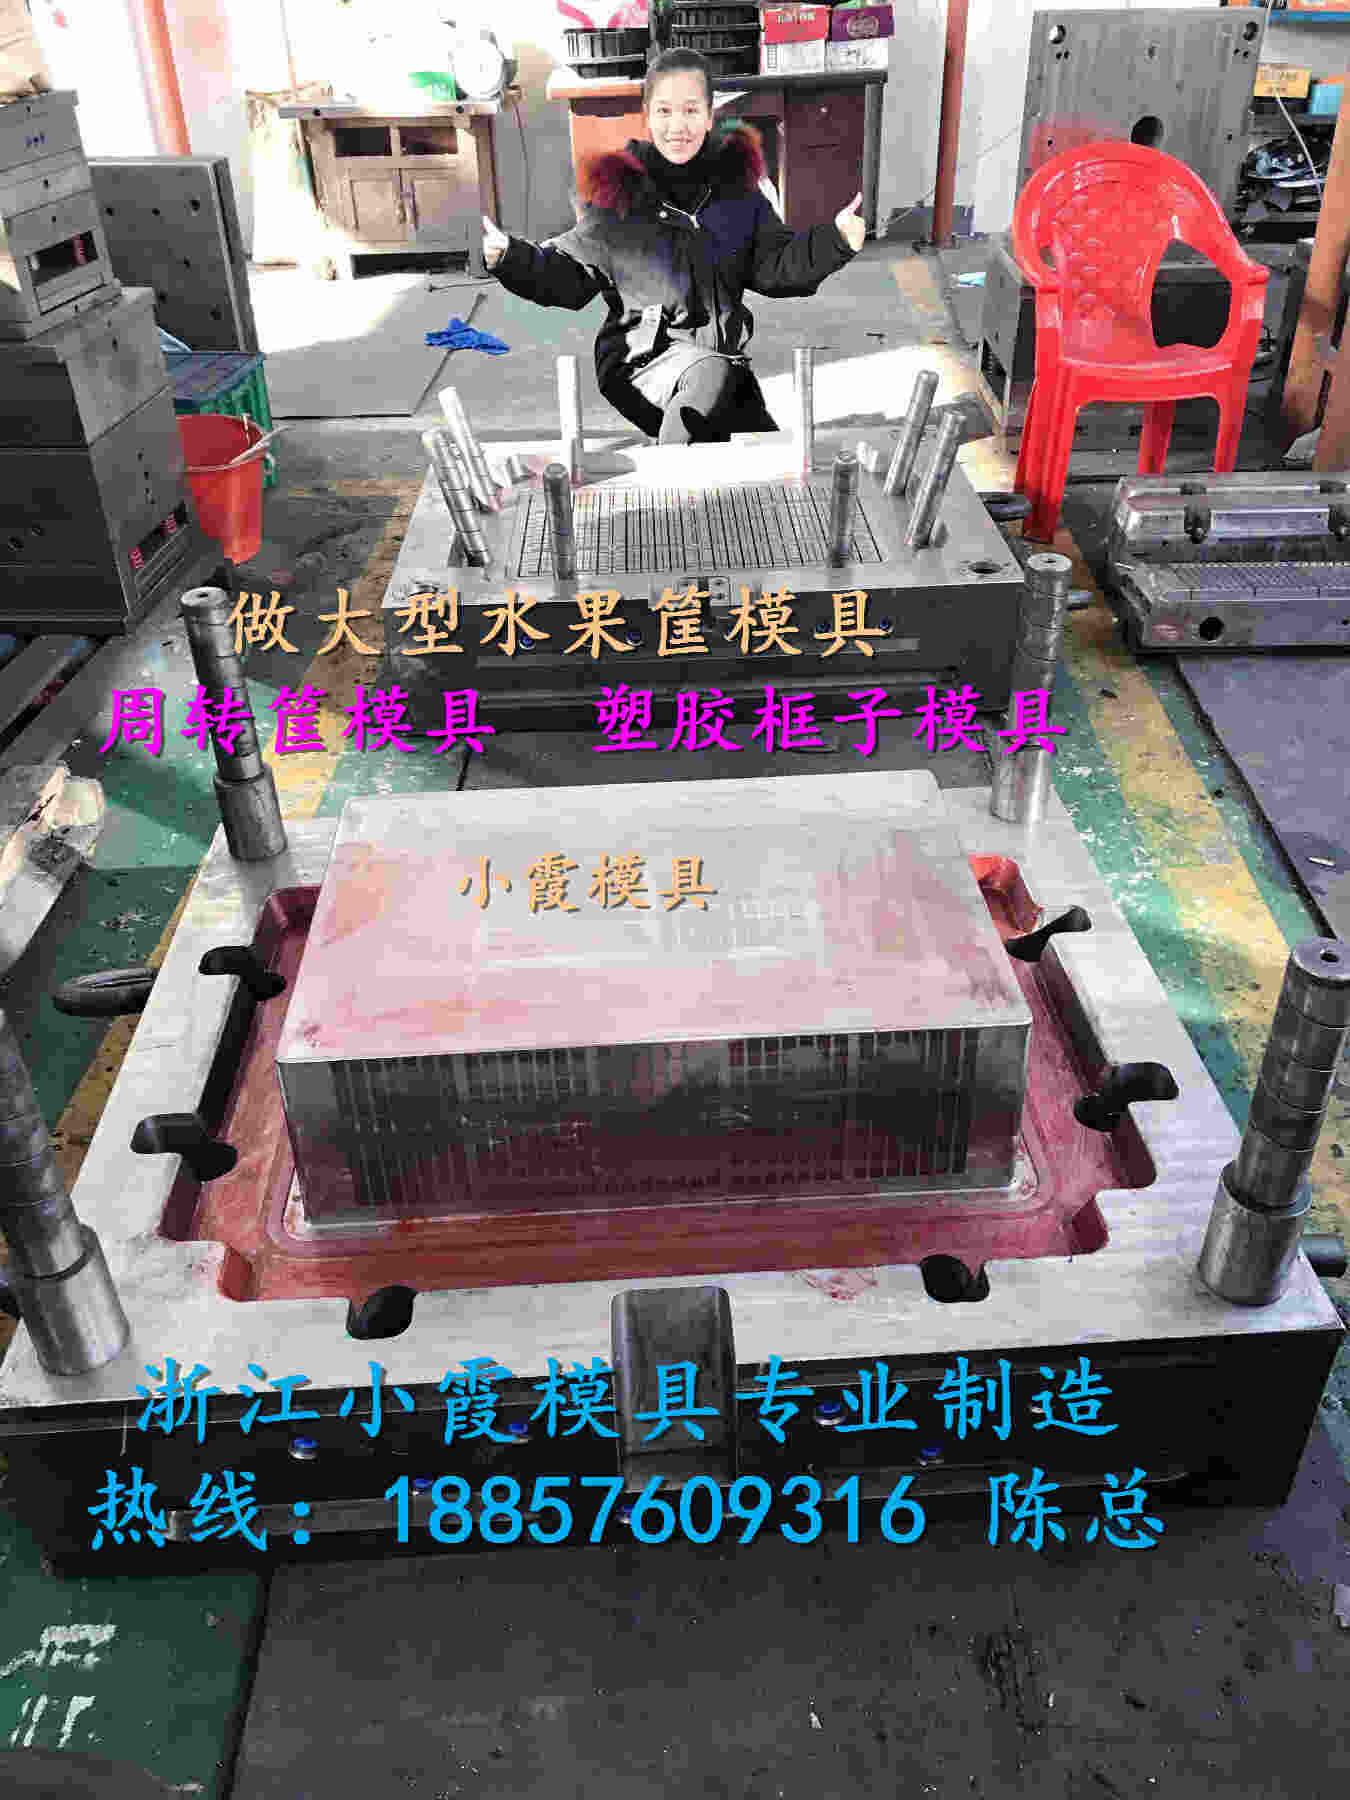 黄岩塑料模具源头工厂注射啤酒箱模具设计制造 图片5